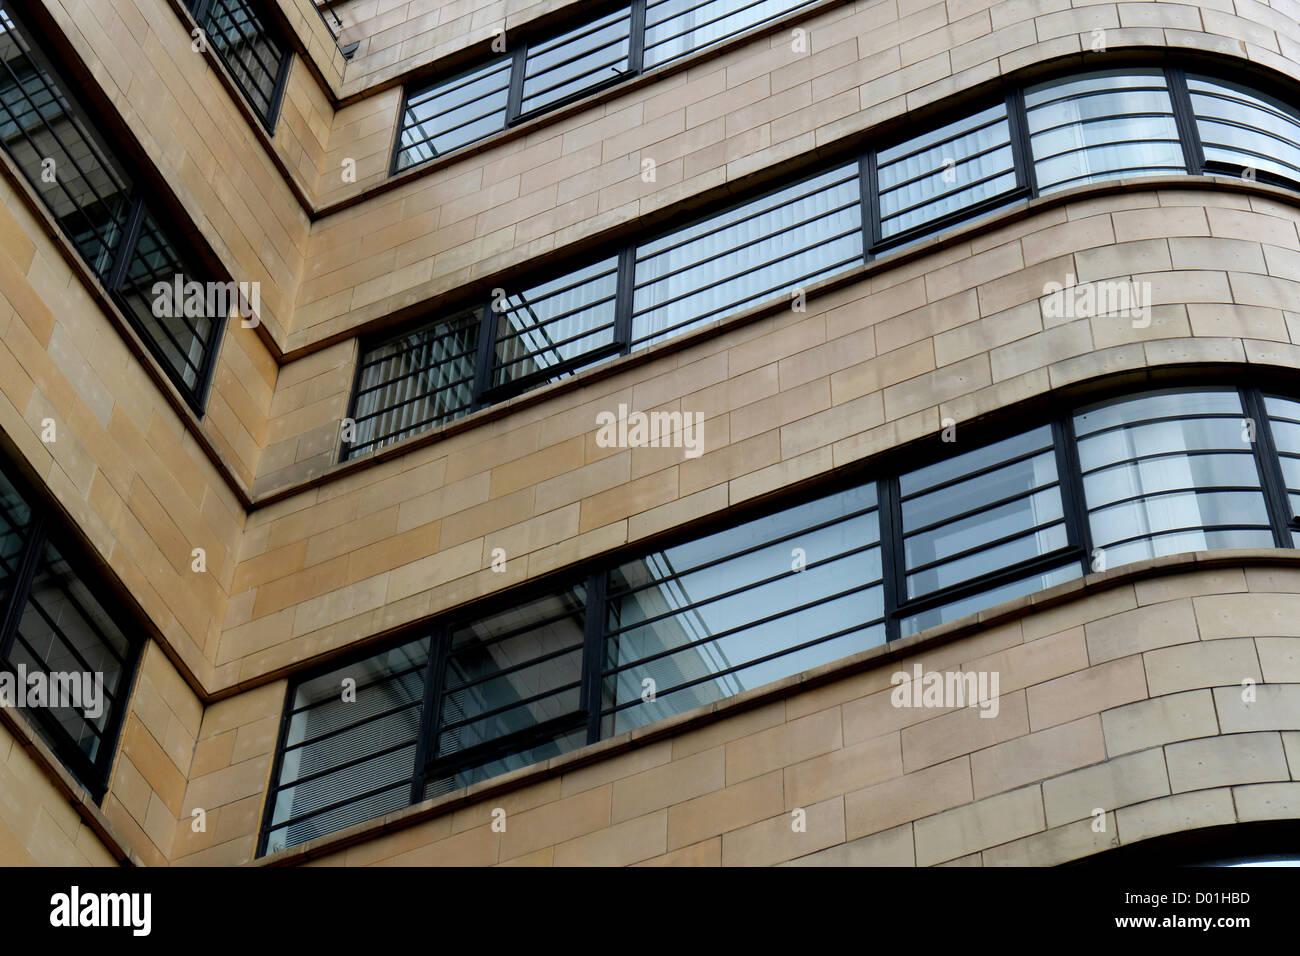 Steinbock Haus, straffen Art Deco Moderne Stil Bürohaus zwischen ...